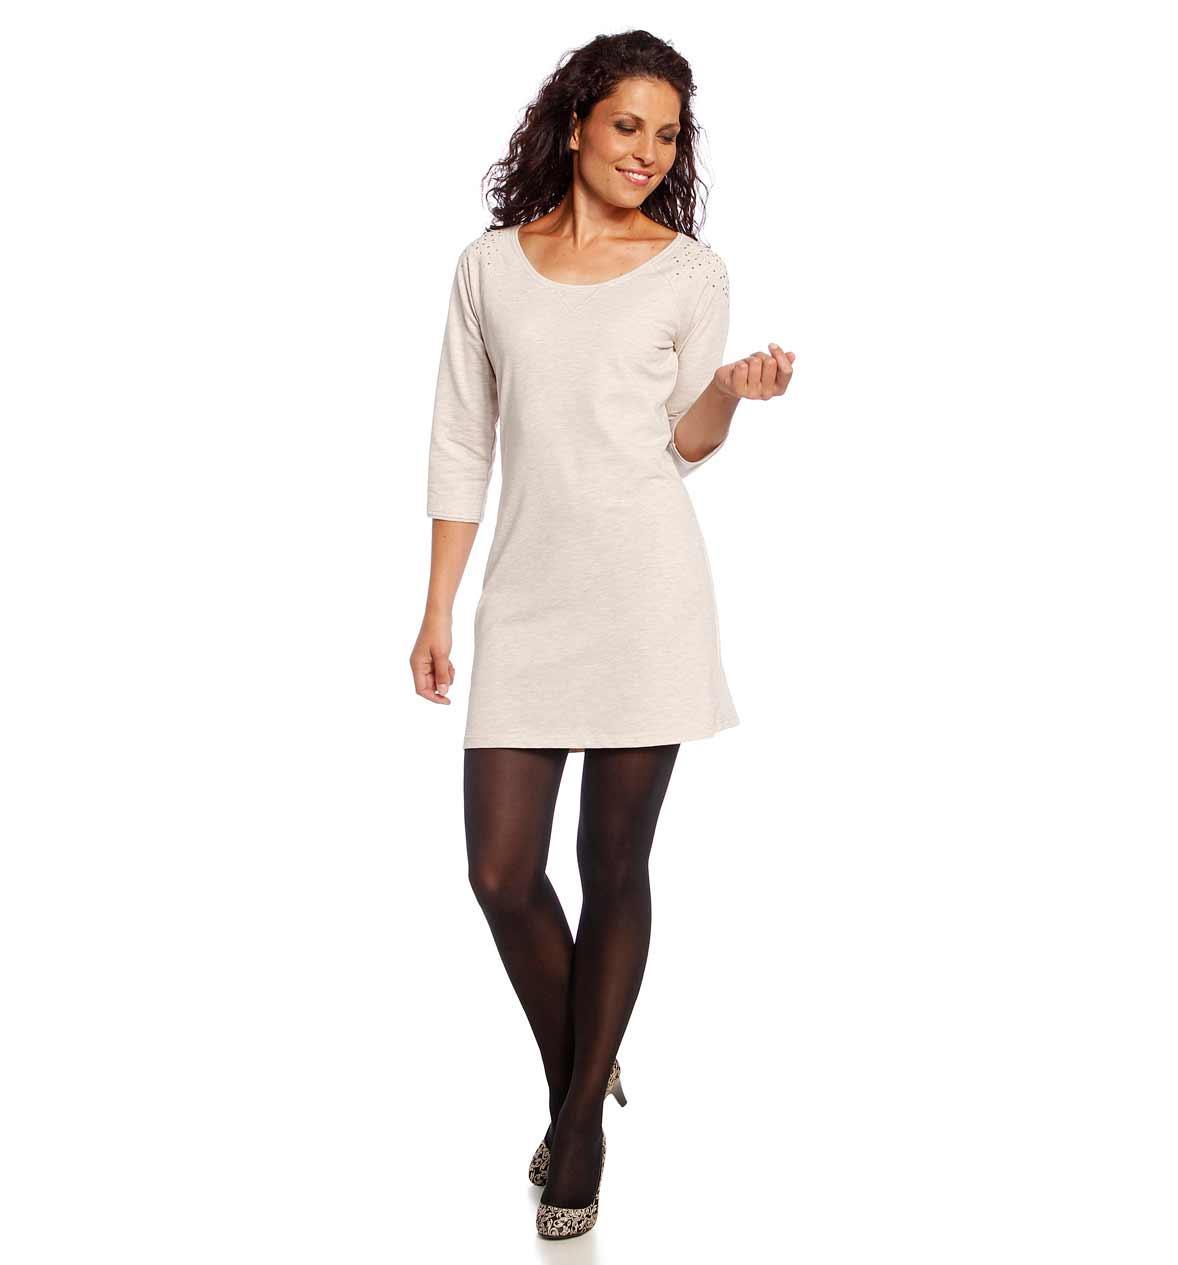 49c4a2f754 biała sukienka C A - moda 2013 14 - Sukienki C A na jesień i zimę ...